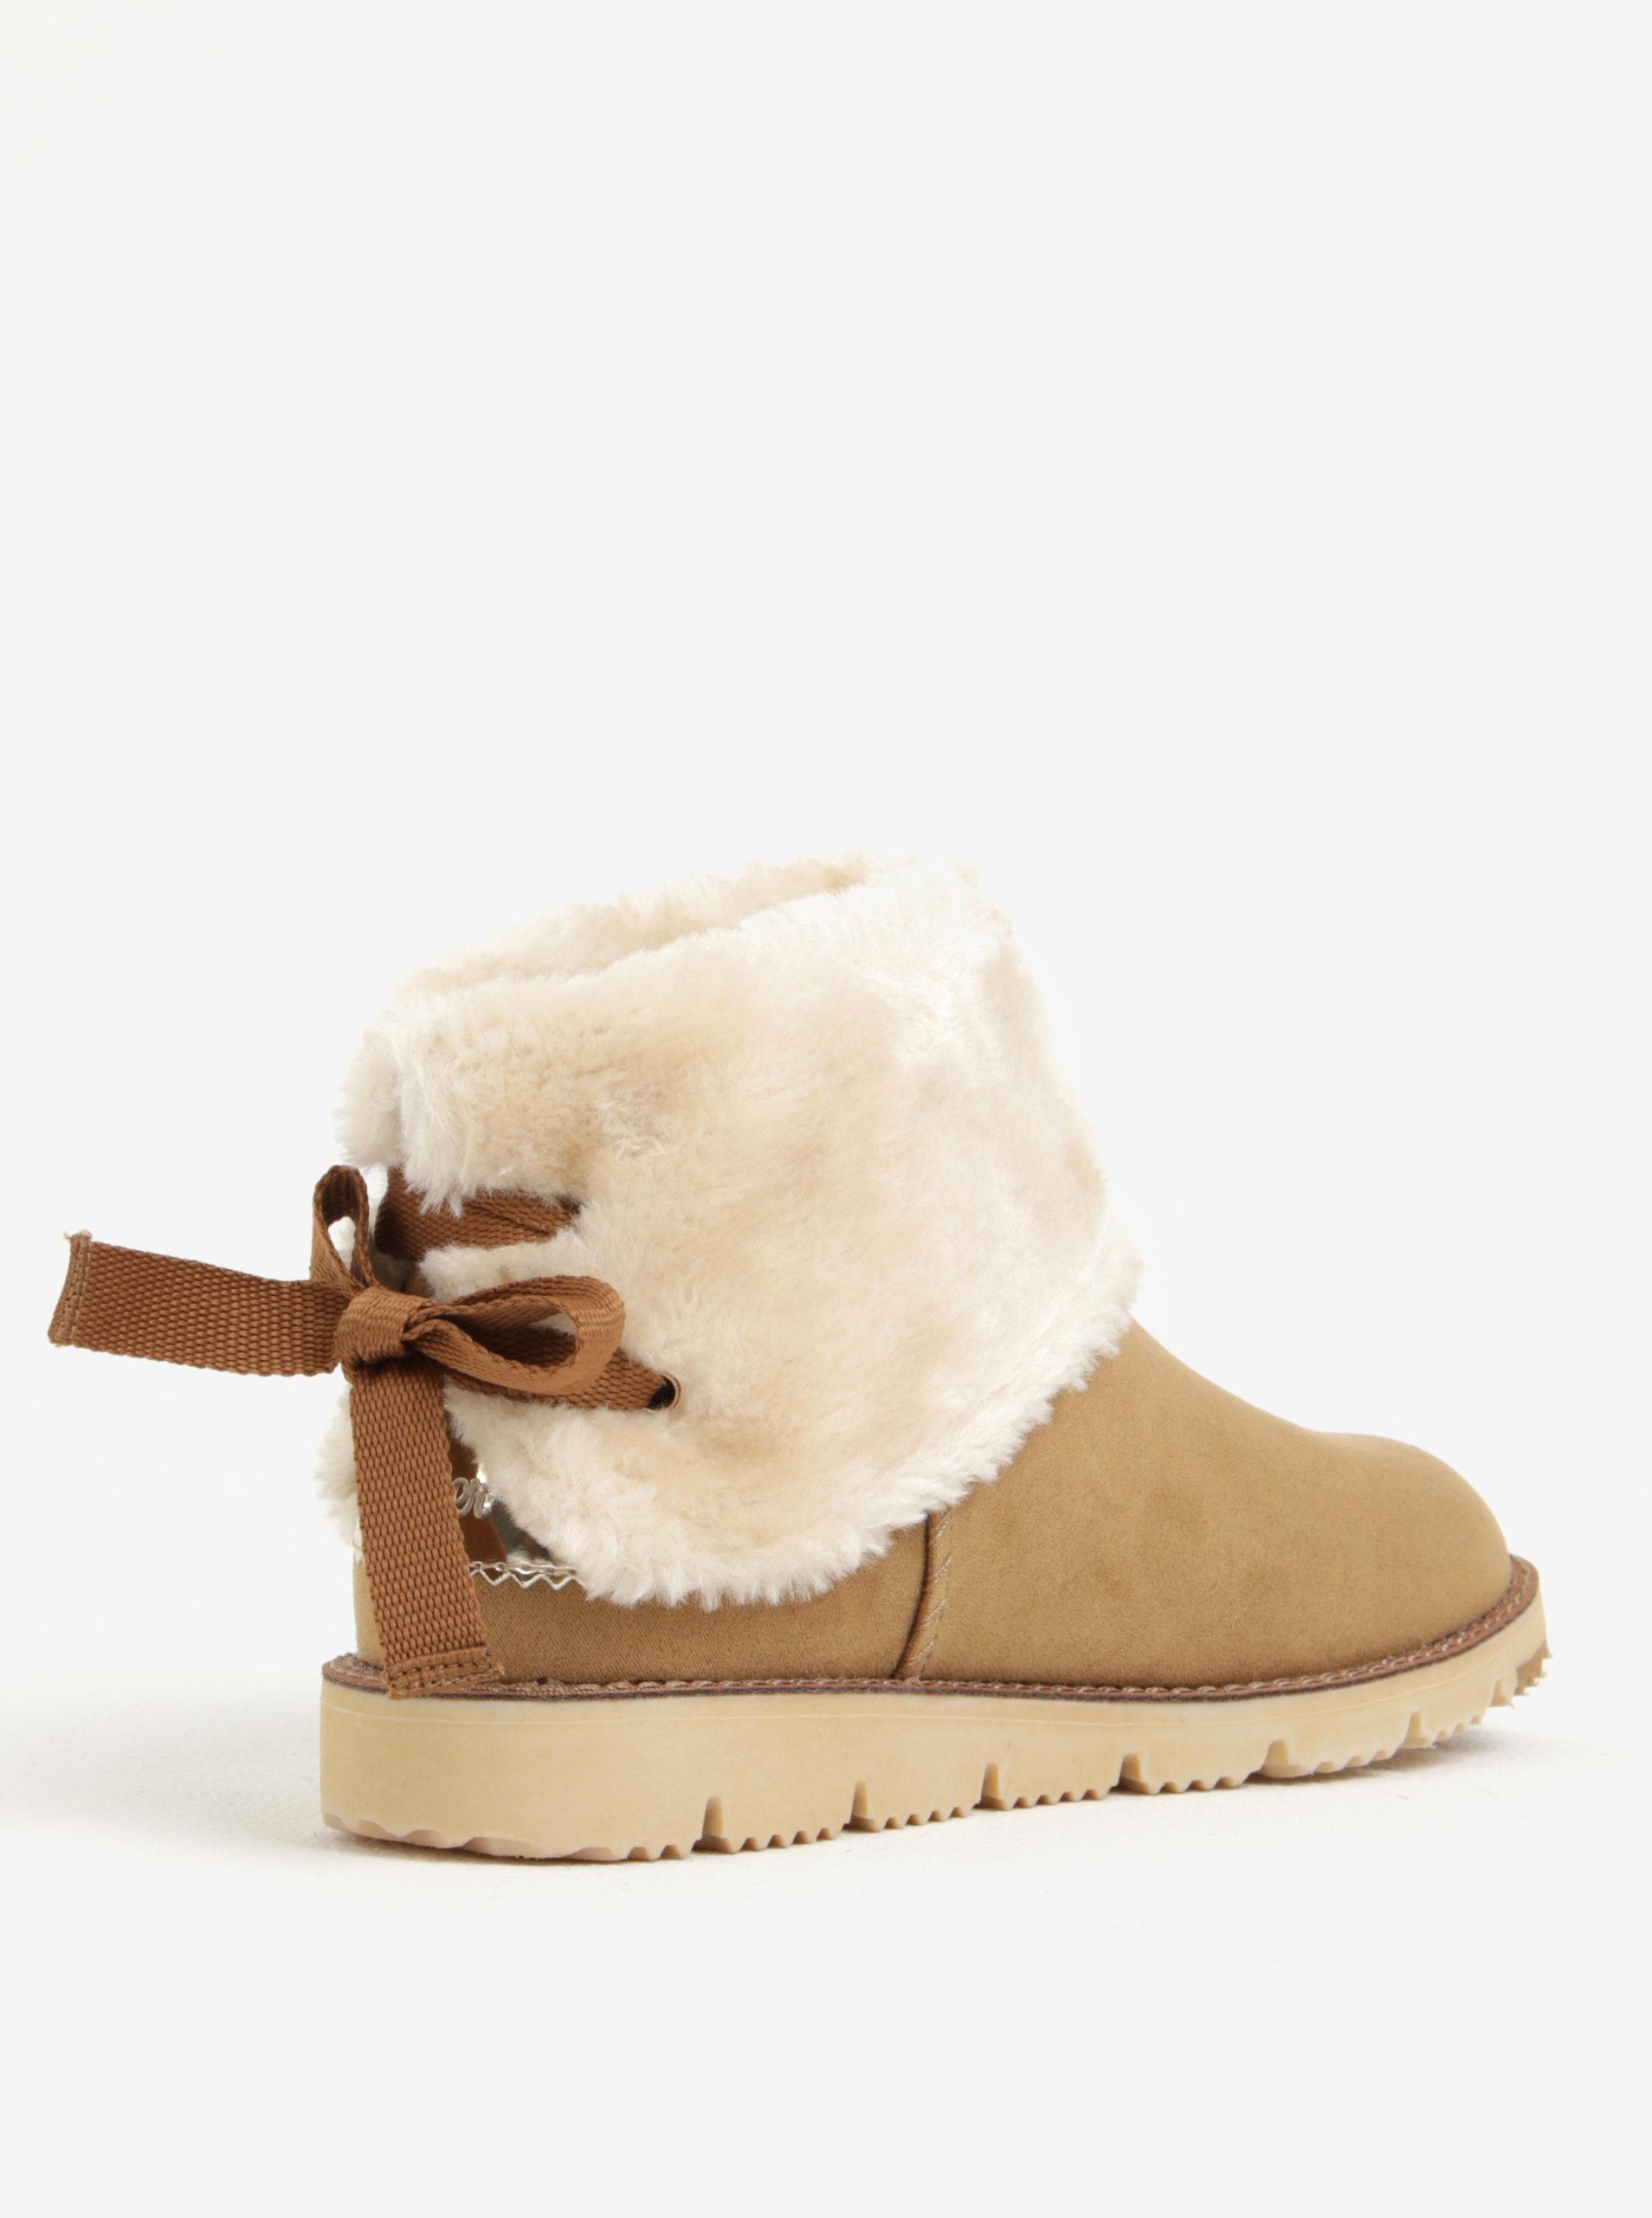 295ab014ef Svetlohnedé dámske zimné členkové topánky v semišovej úprave s ...